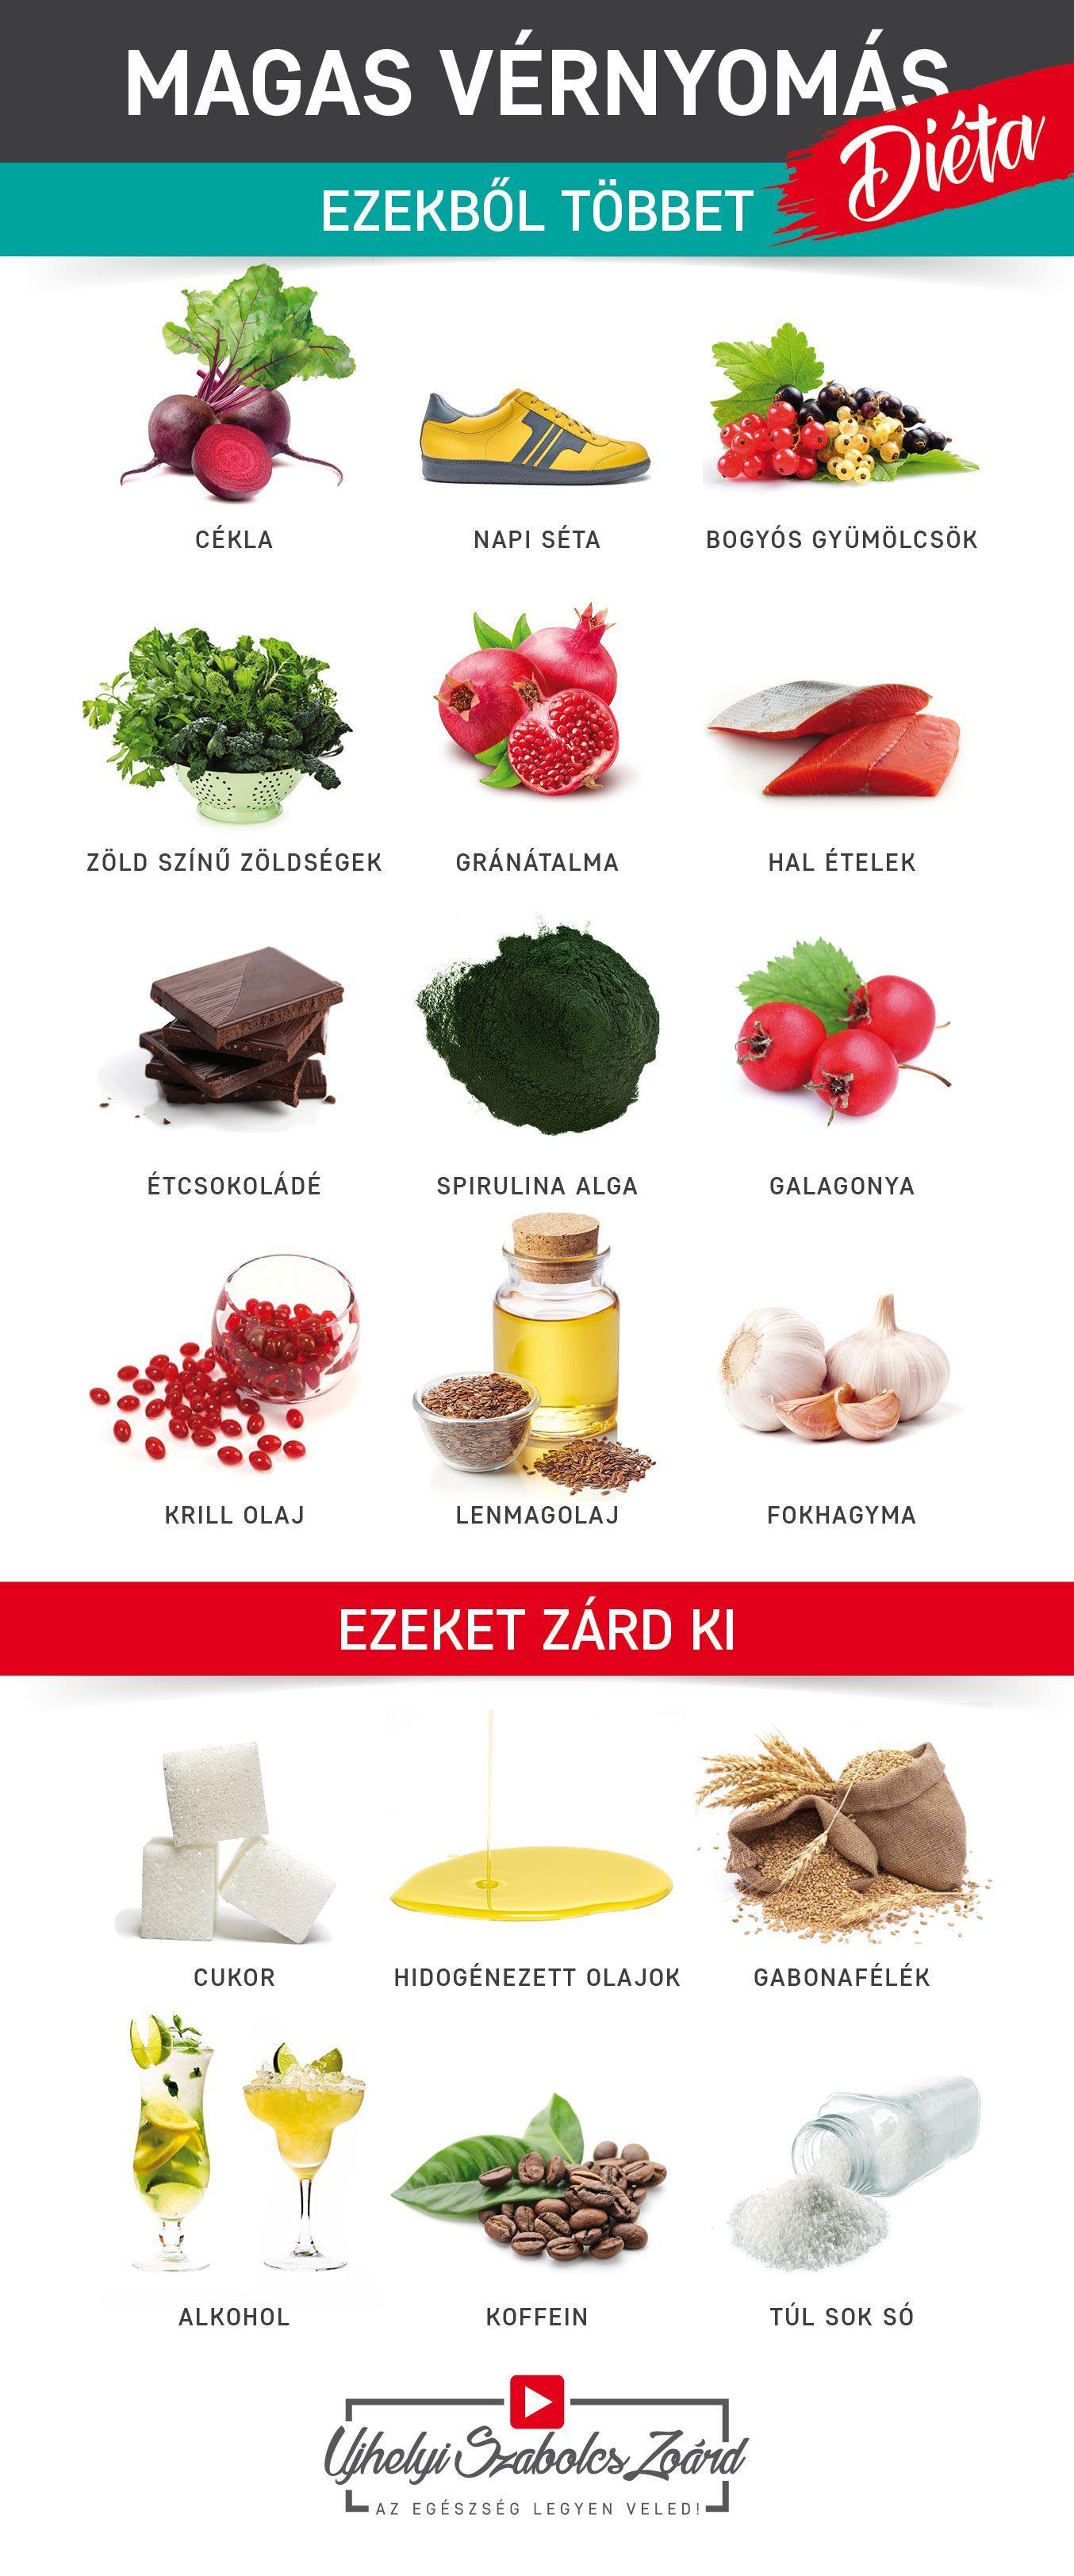 Hatásos kajatippek magas és alacsony vérnyomásra | reformalo.hu